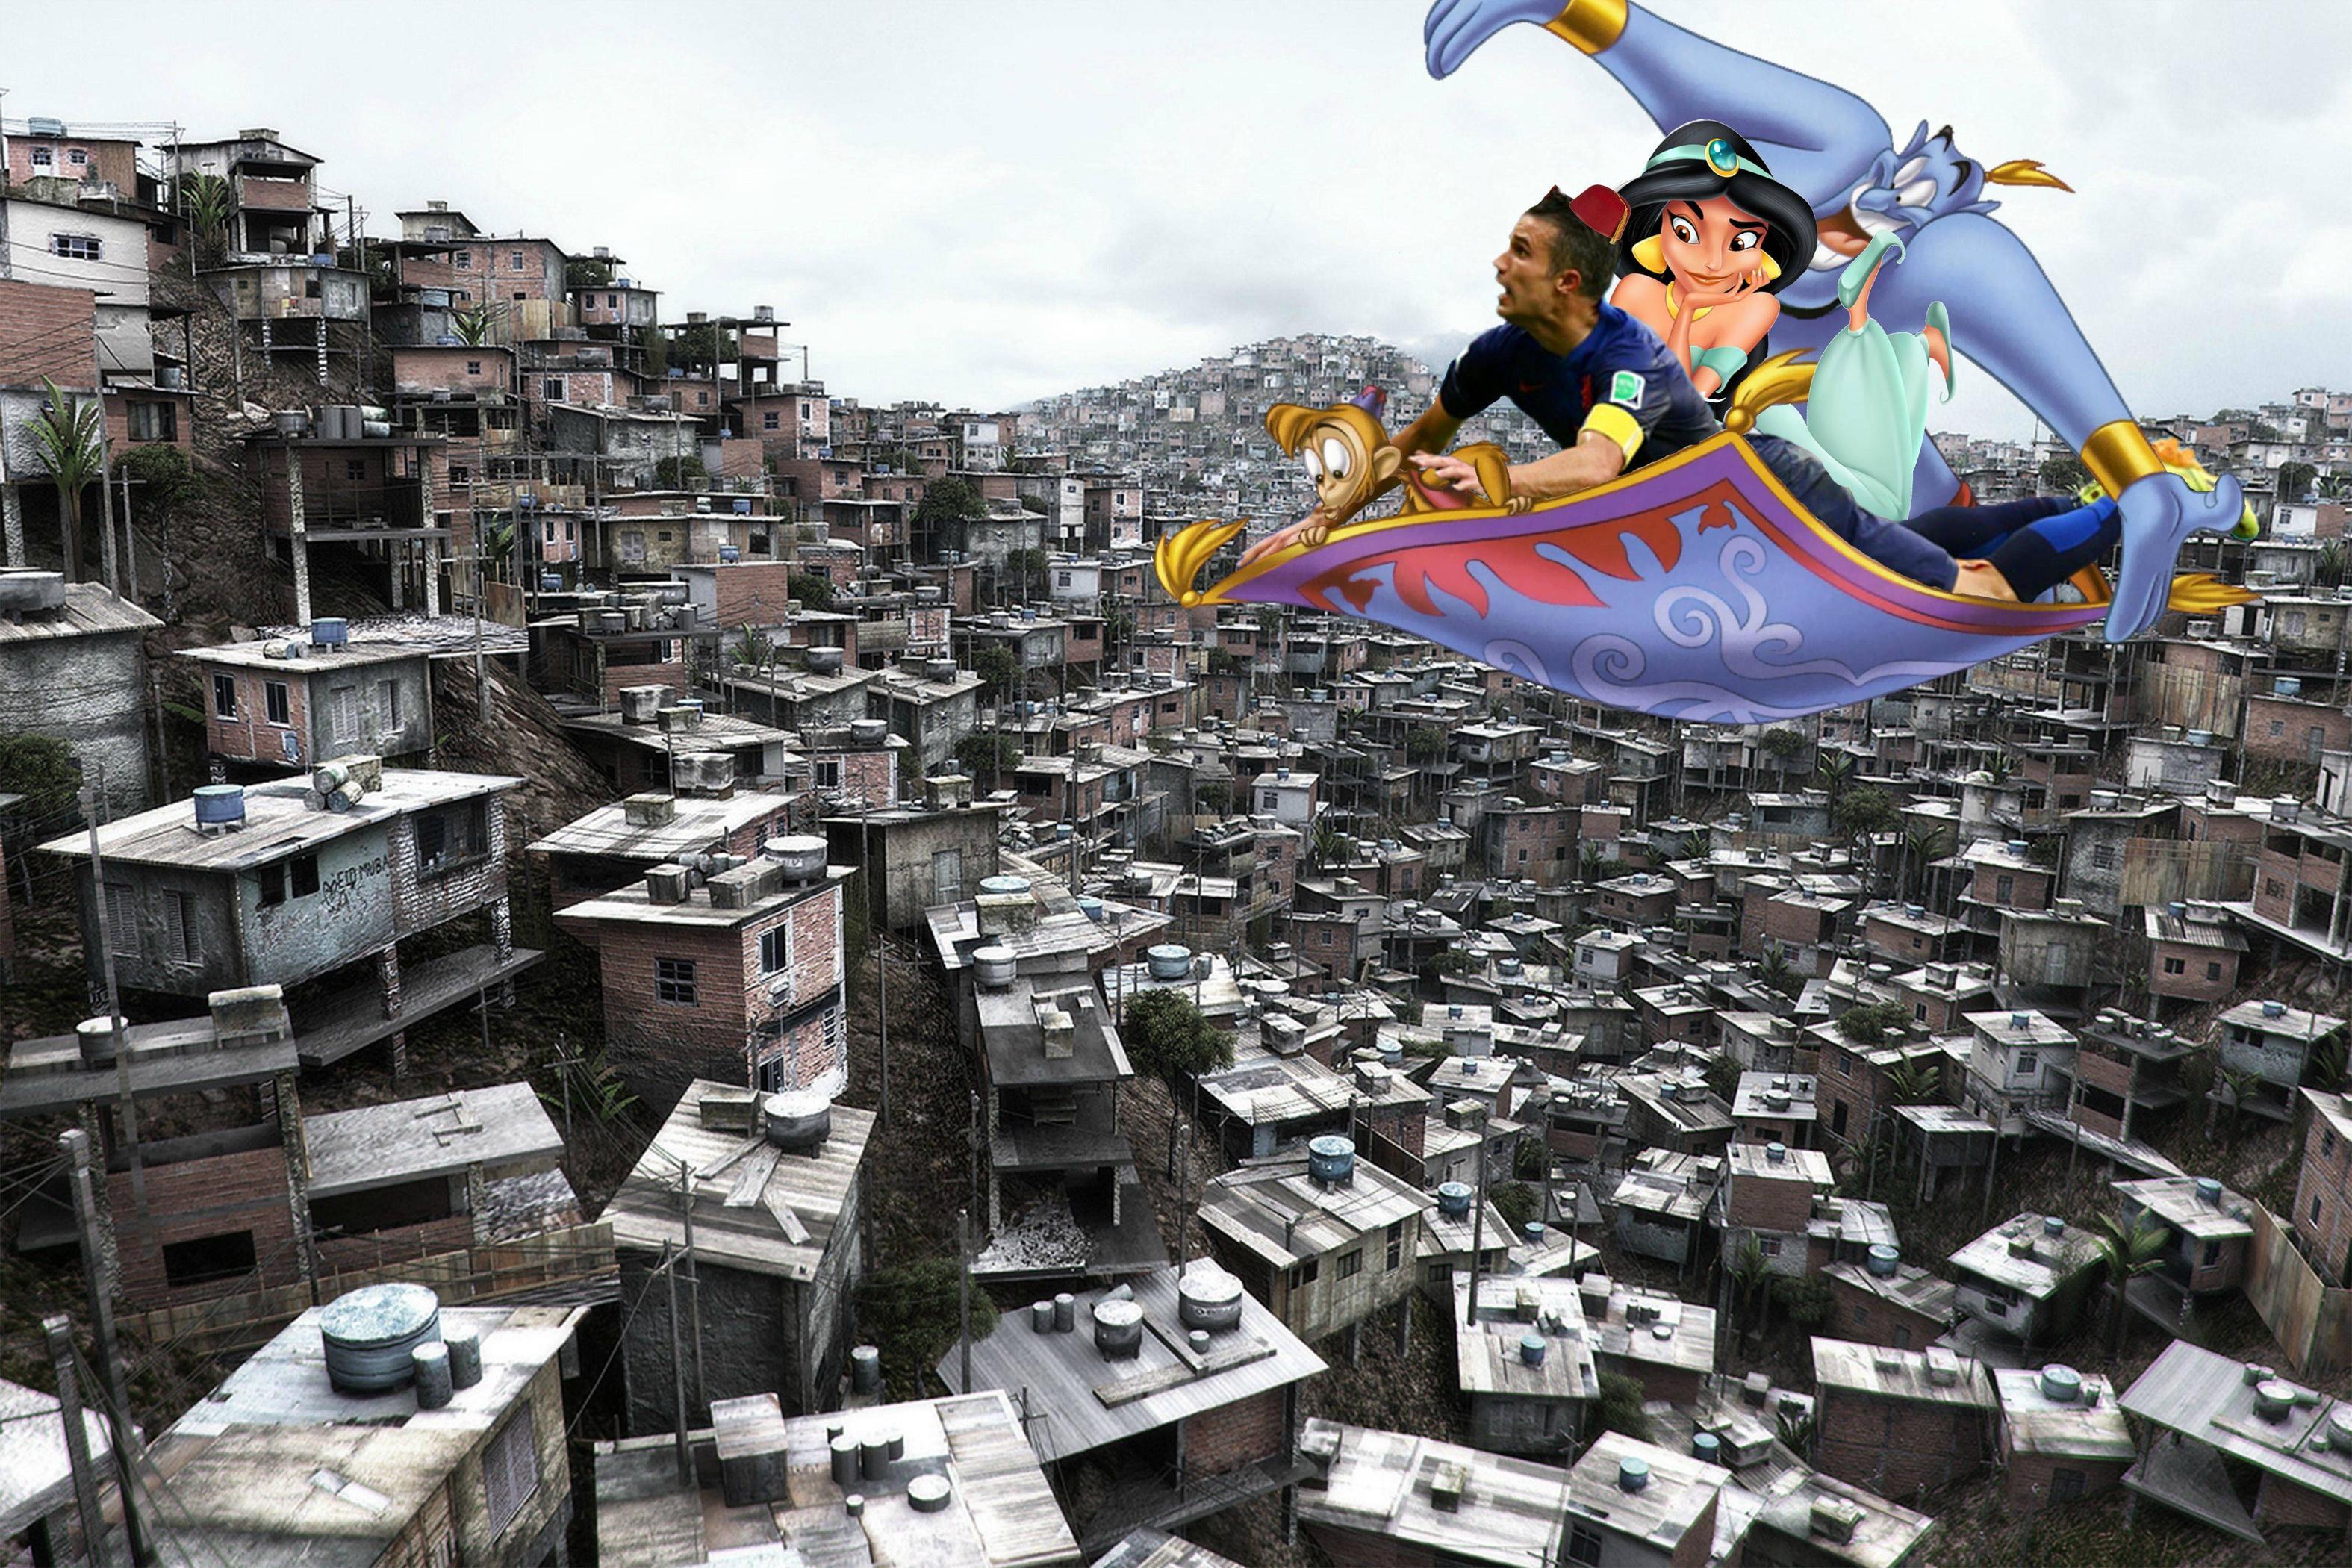 Aladdin van Persie